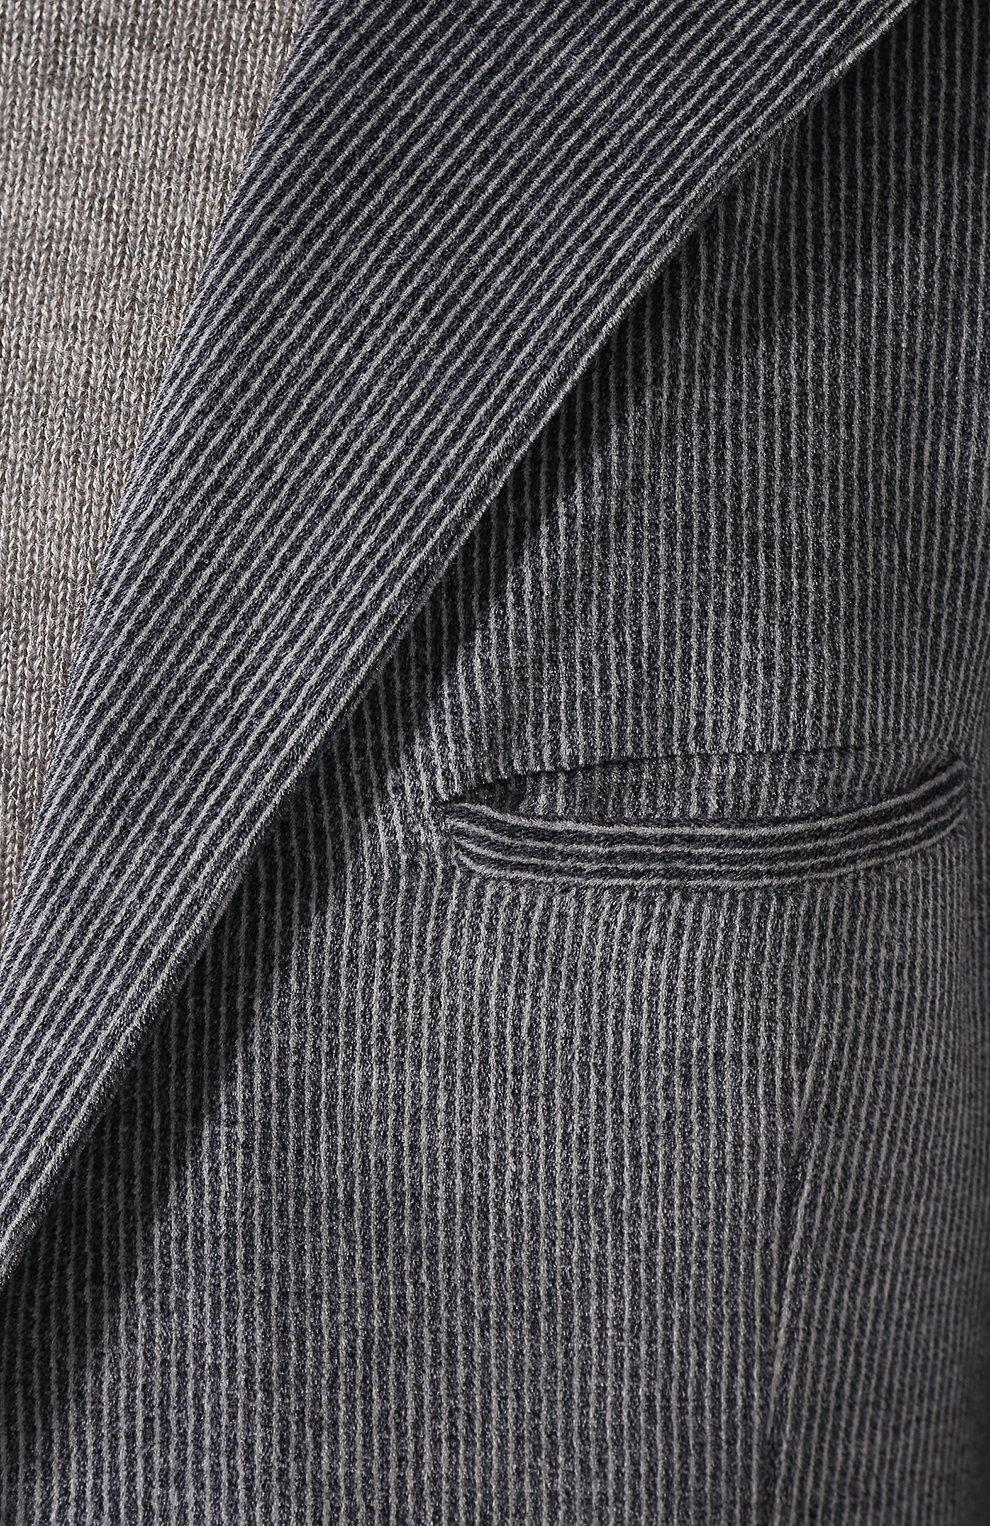 Мужской хлопковый костюм KNT темно-серого цвета, арт. UAS0104K01S75   Фото 6 (Рукава: Длинные; Костюмы М: Однобортный; Материал внешний: Синтетический материал, Хлопок; Материал подклада: Купро; Стили: Кэжуэл)